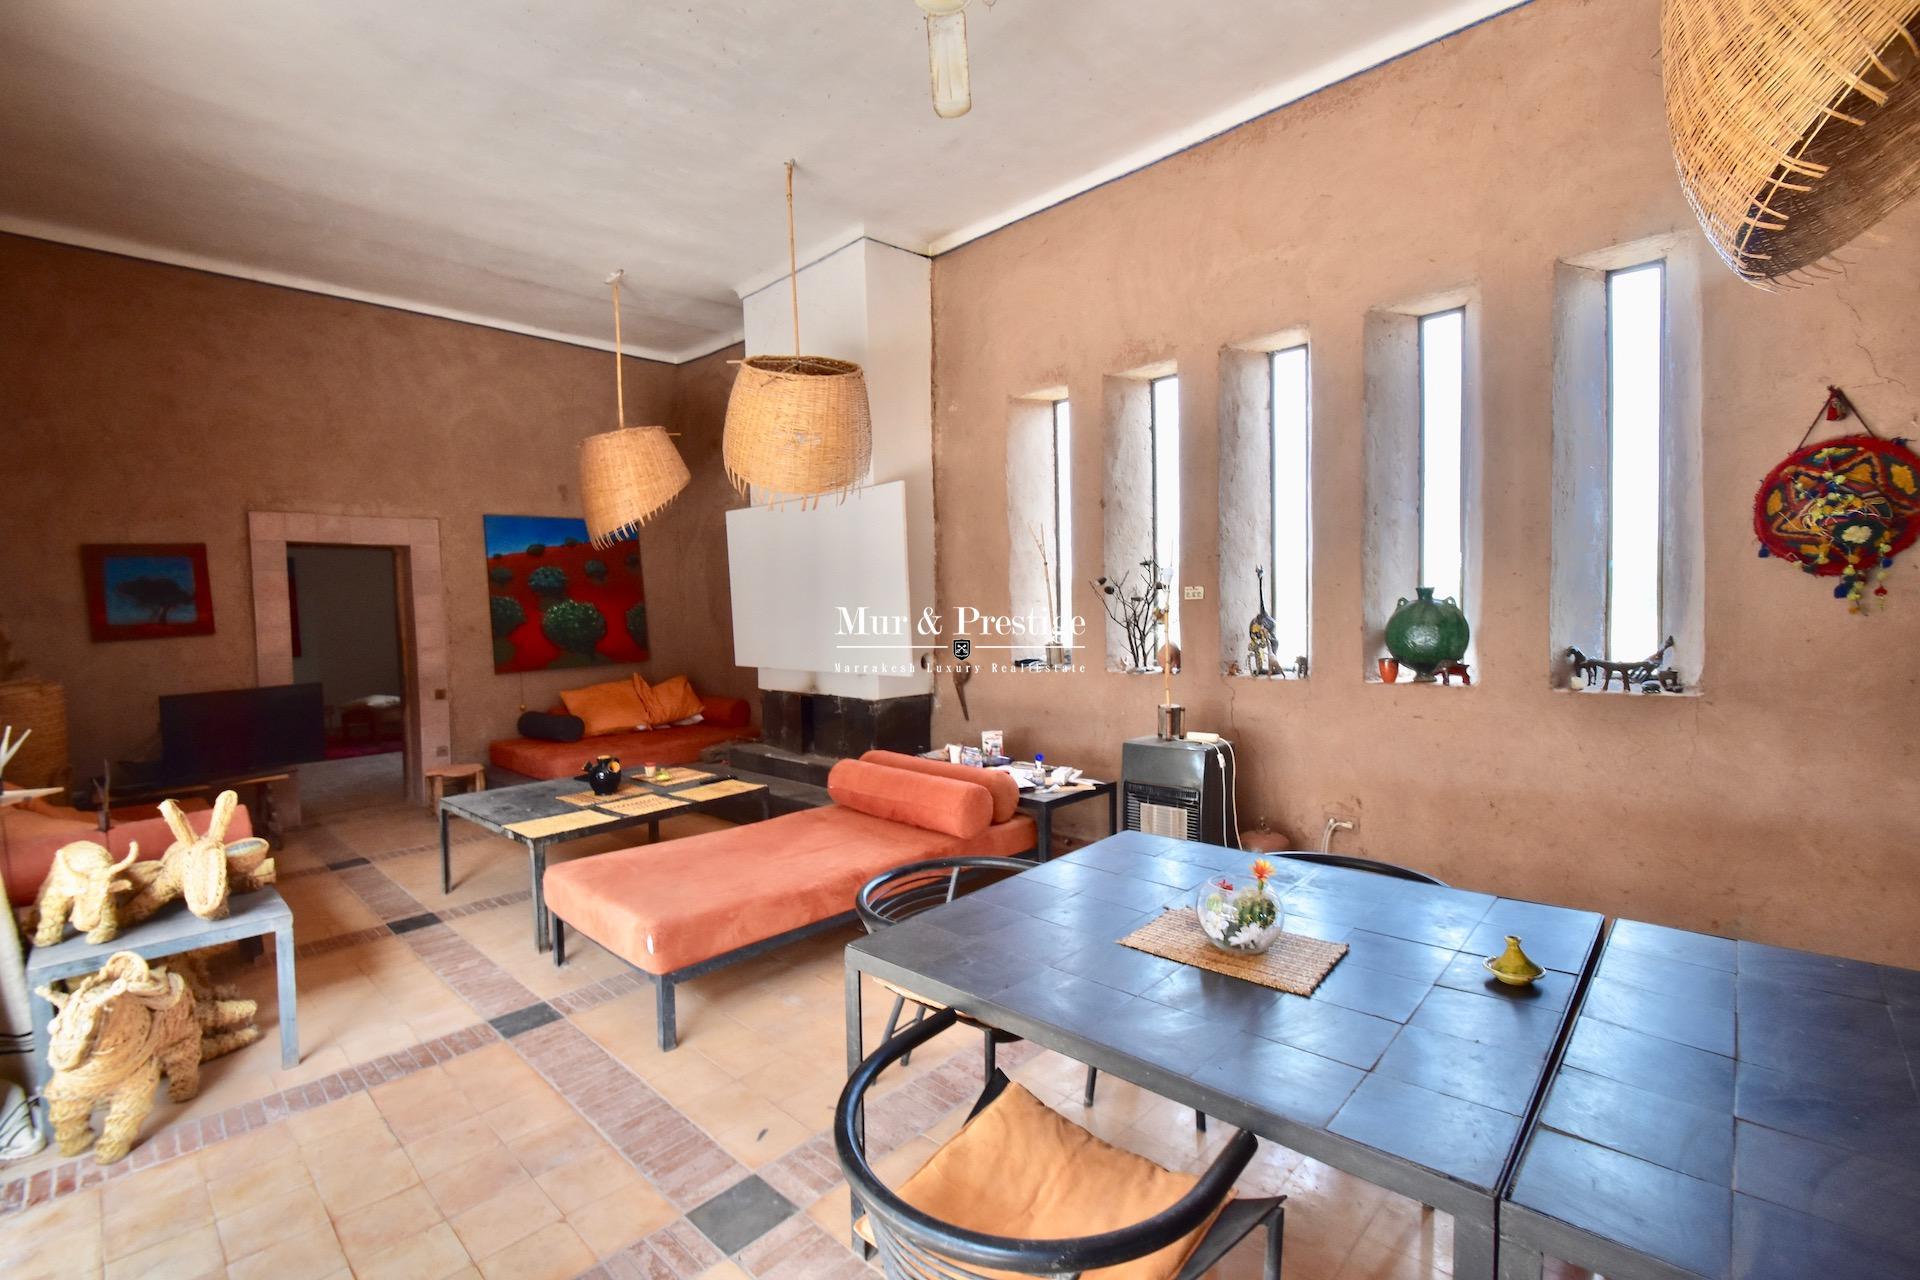 Maison de style berbère à vendre à Marrakech